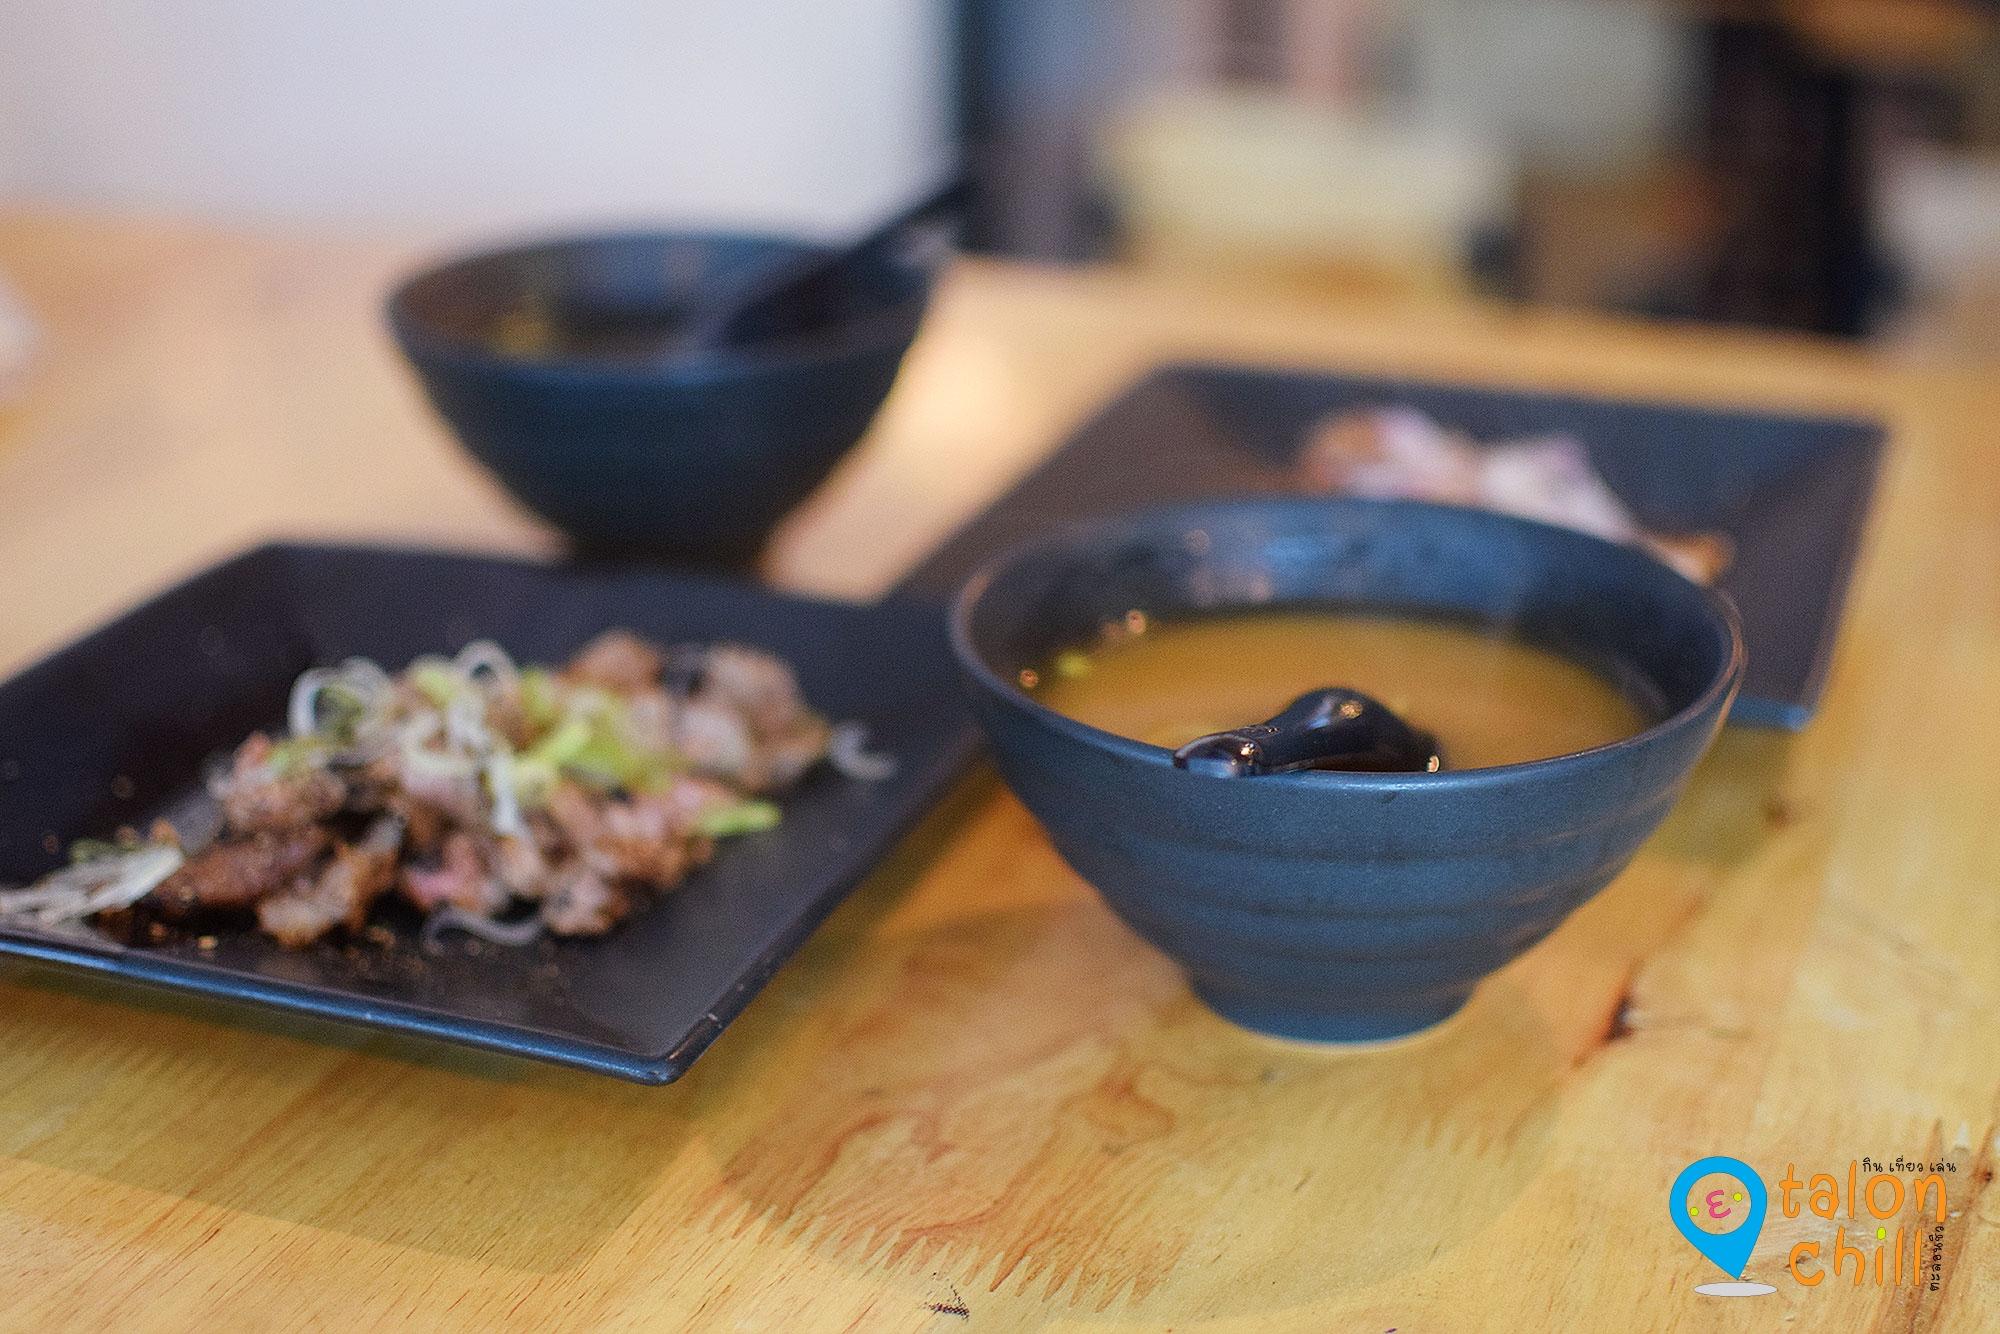 [ตะลุยแหลก] ร้าน Meatfeat อาหารสไตล์ Izakaya (อิซากายะ) แนวเทปันยากิสเต็กสไตล์ญี่ปุ่น ห้ามพลาด